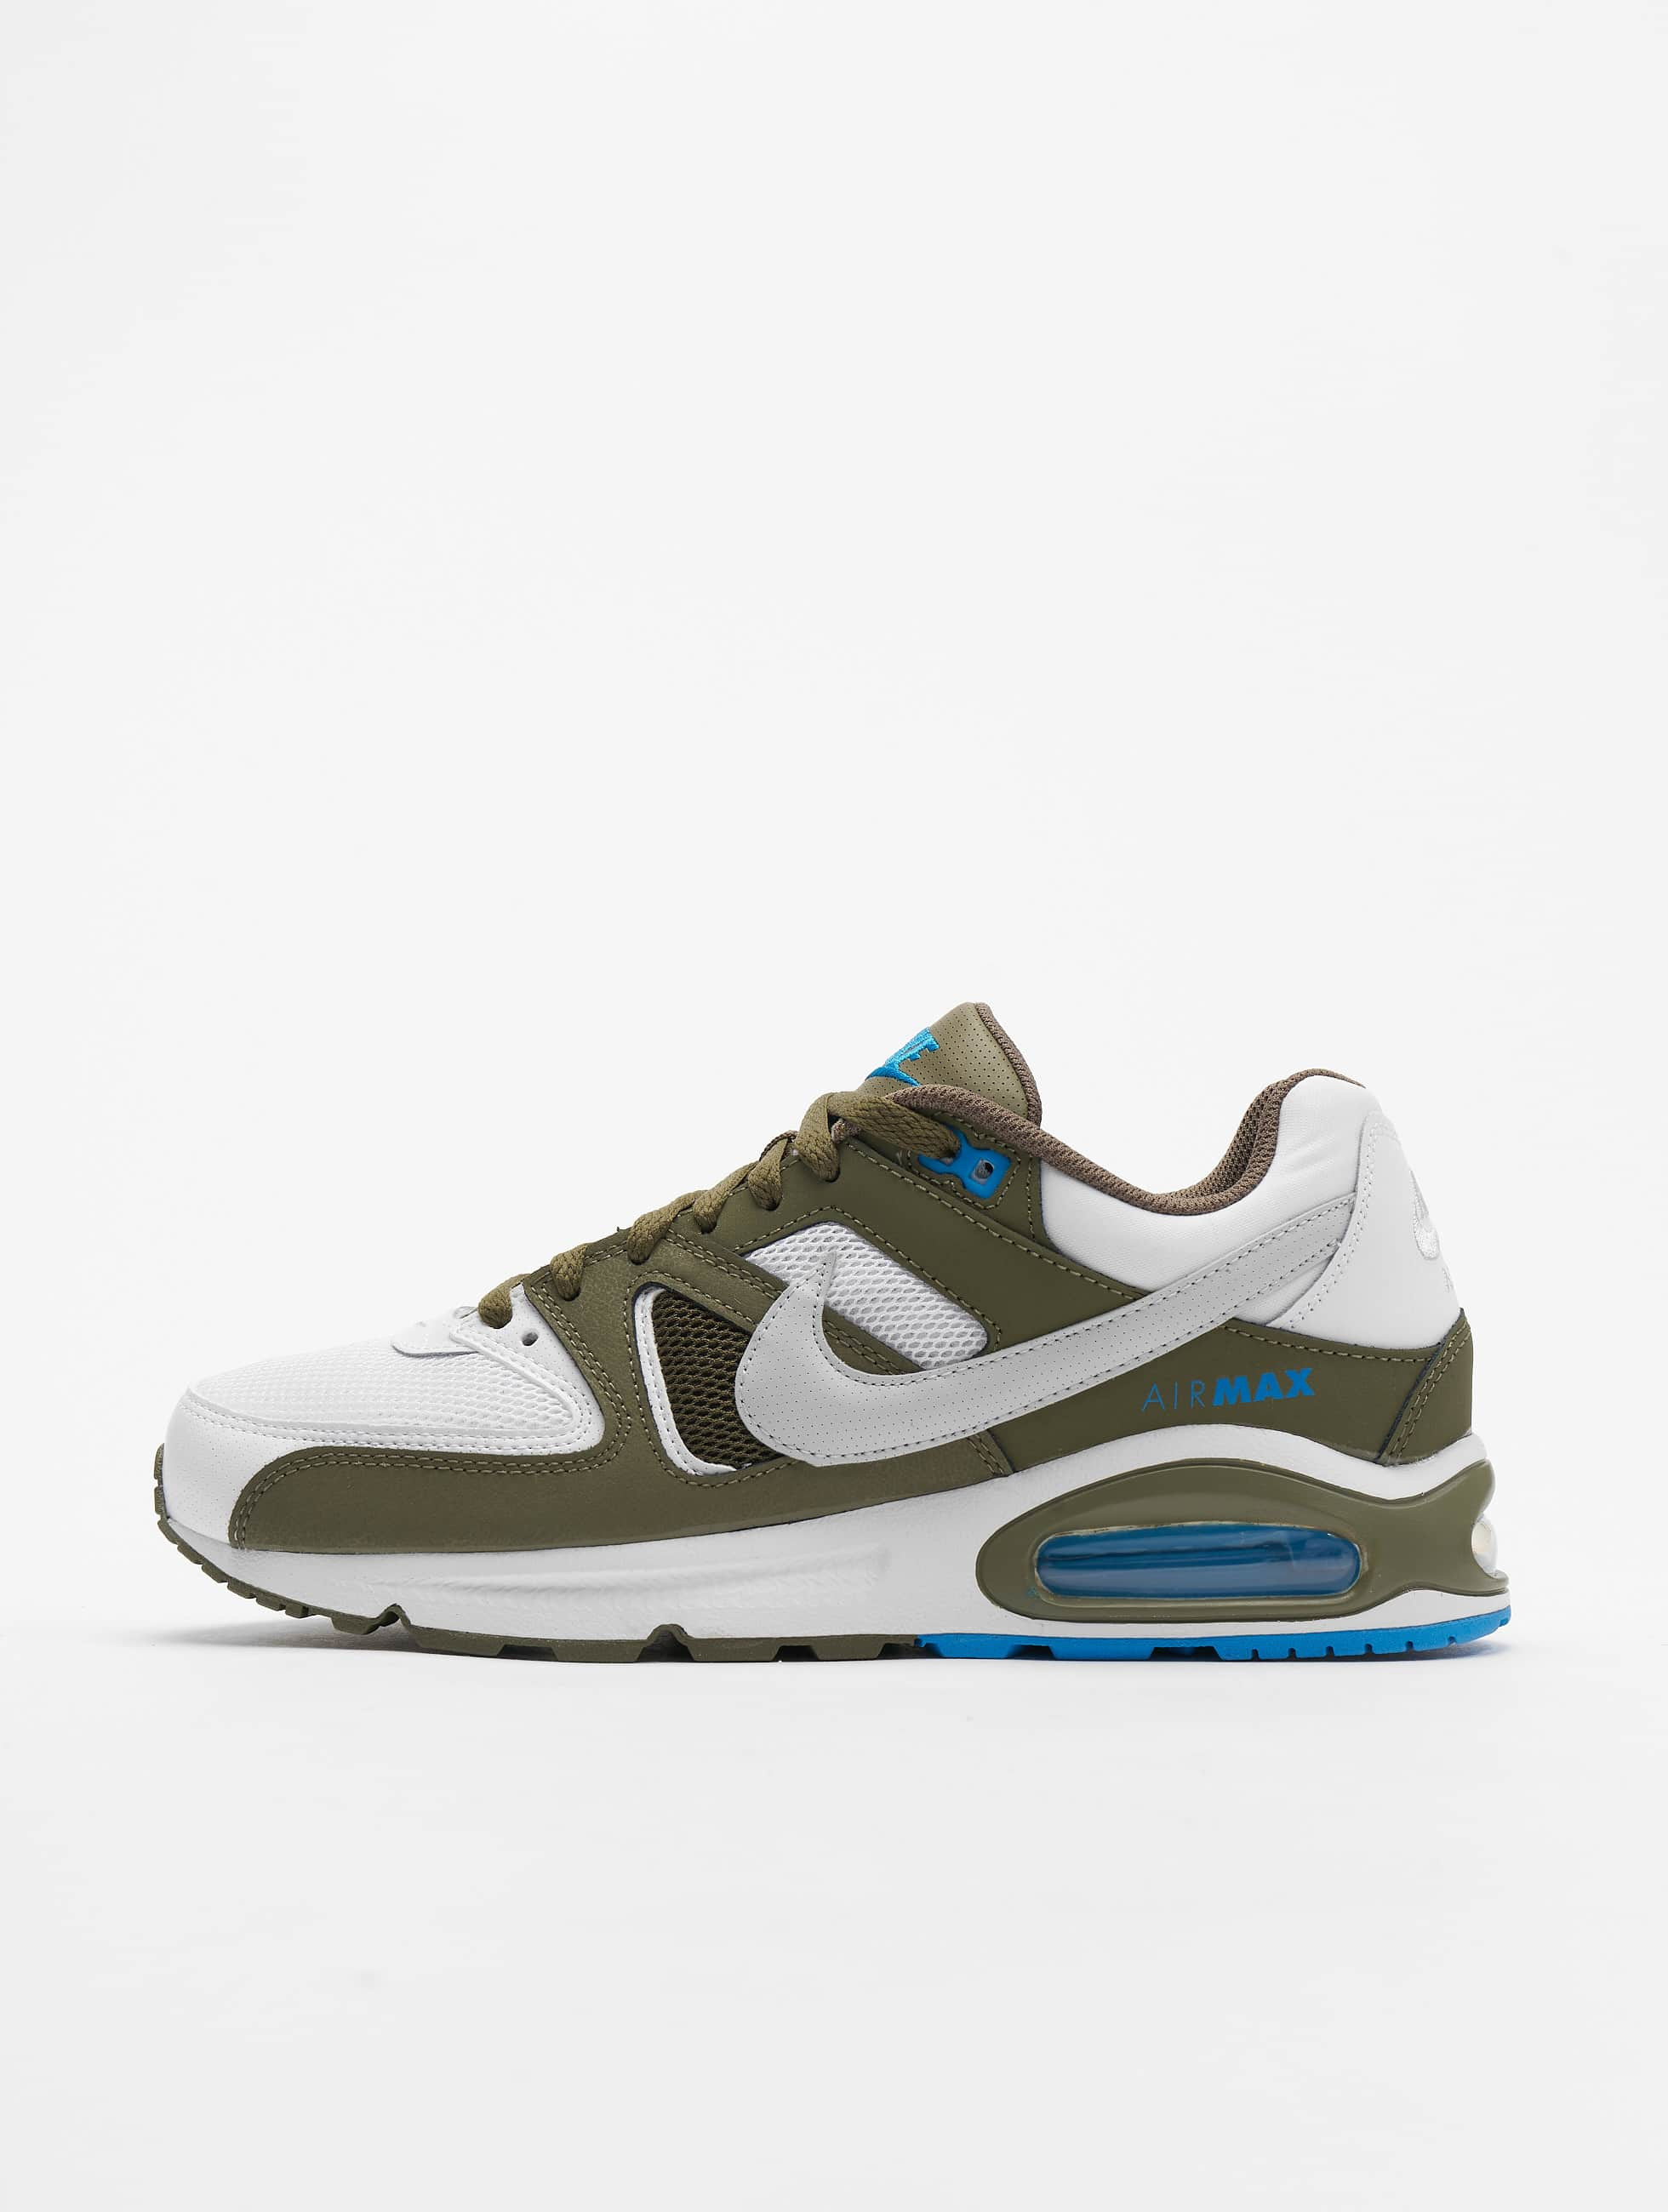 f5ad3ebad8963 Nike Herren Fitnessschuhe Air Max Command in weiß 661564